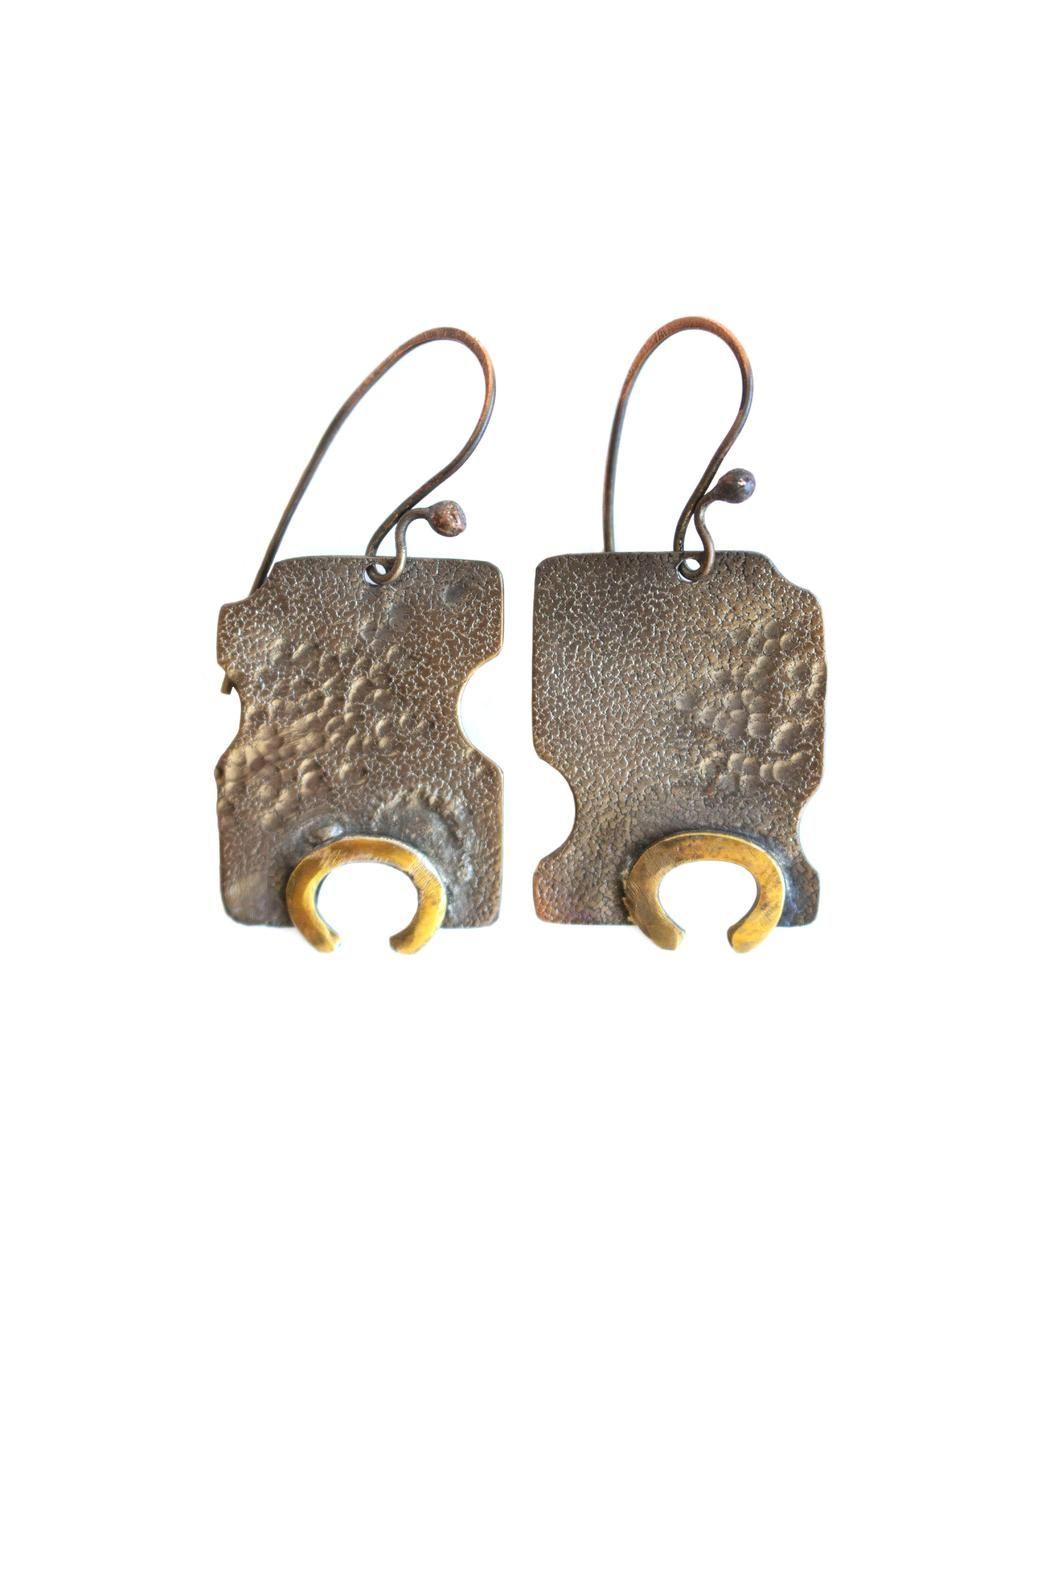 """Copper & brass earrings.  Measurements: 3/4"""" W, 1 3/4"""" L (bottom to ear wire)   Earrings by Lococina. Accessories - Jewelry - Earrings Canada"""